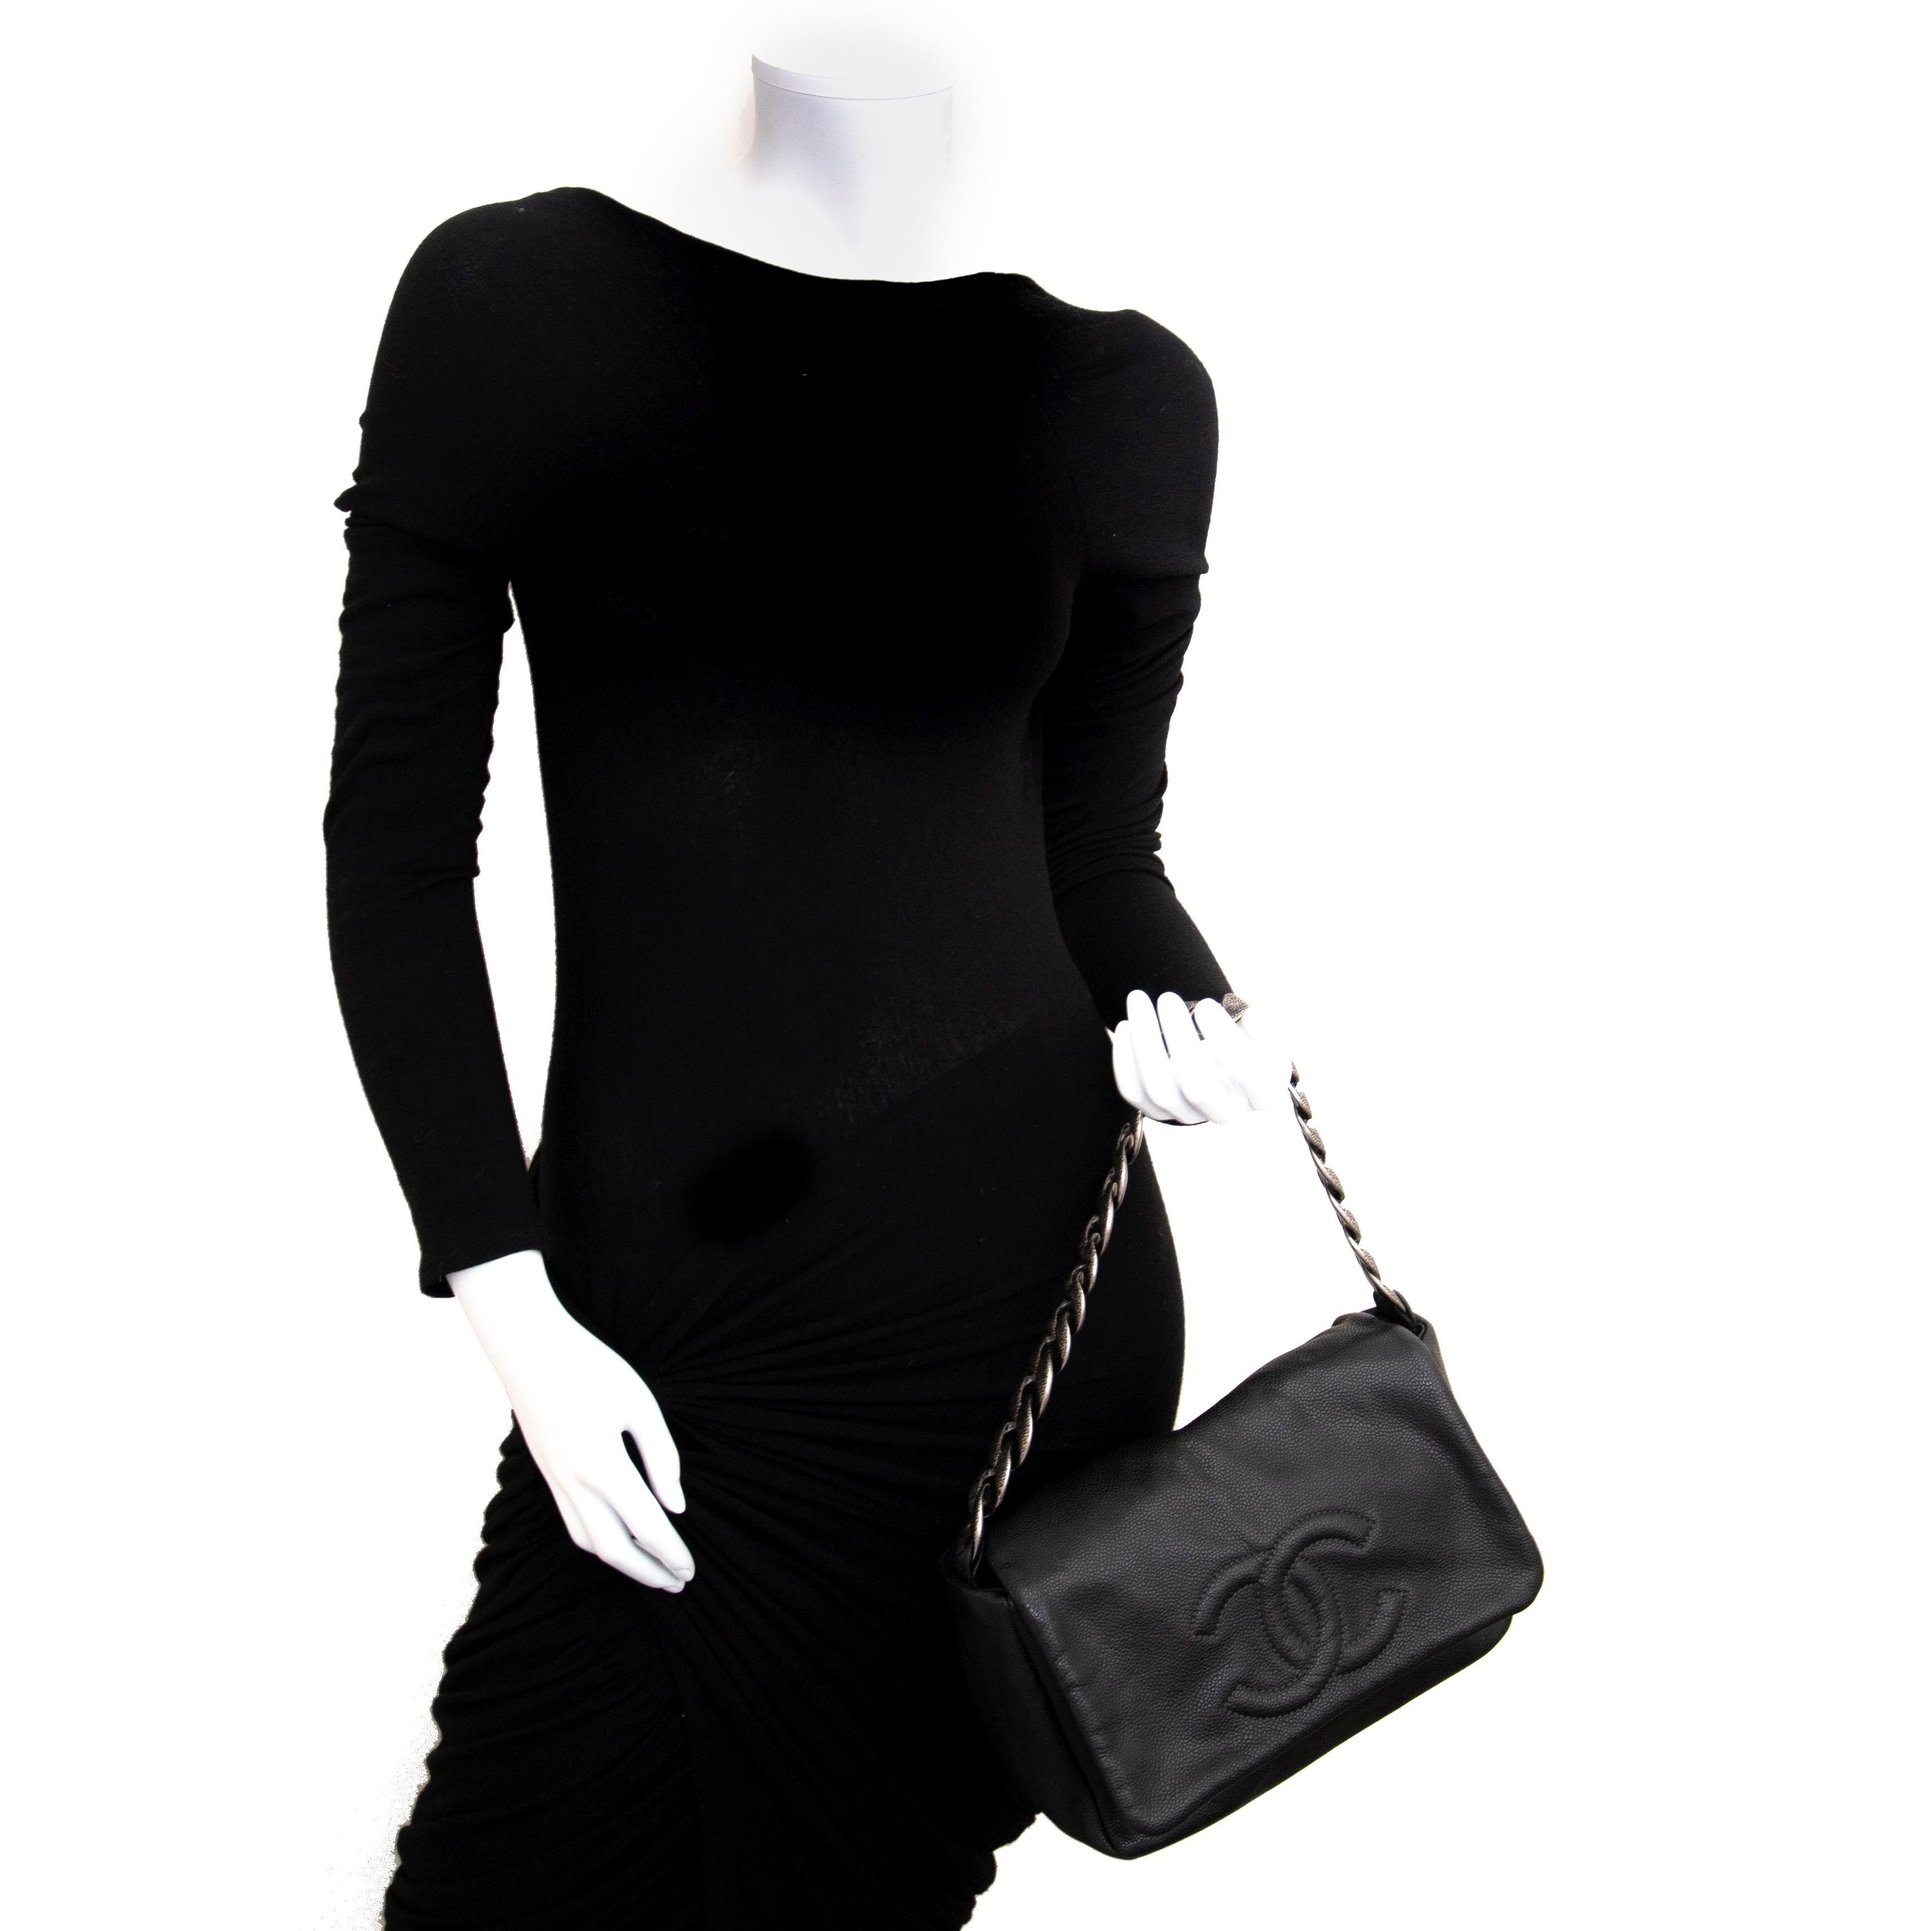 Koop authentieke tweedehands Chanel tassen met de juiste prijs bij LabelLOV